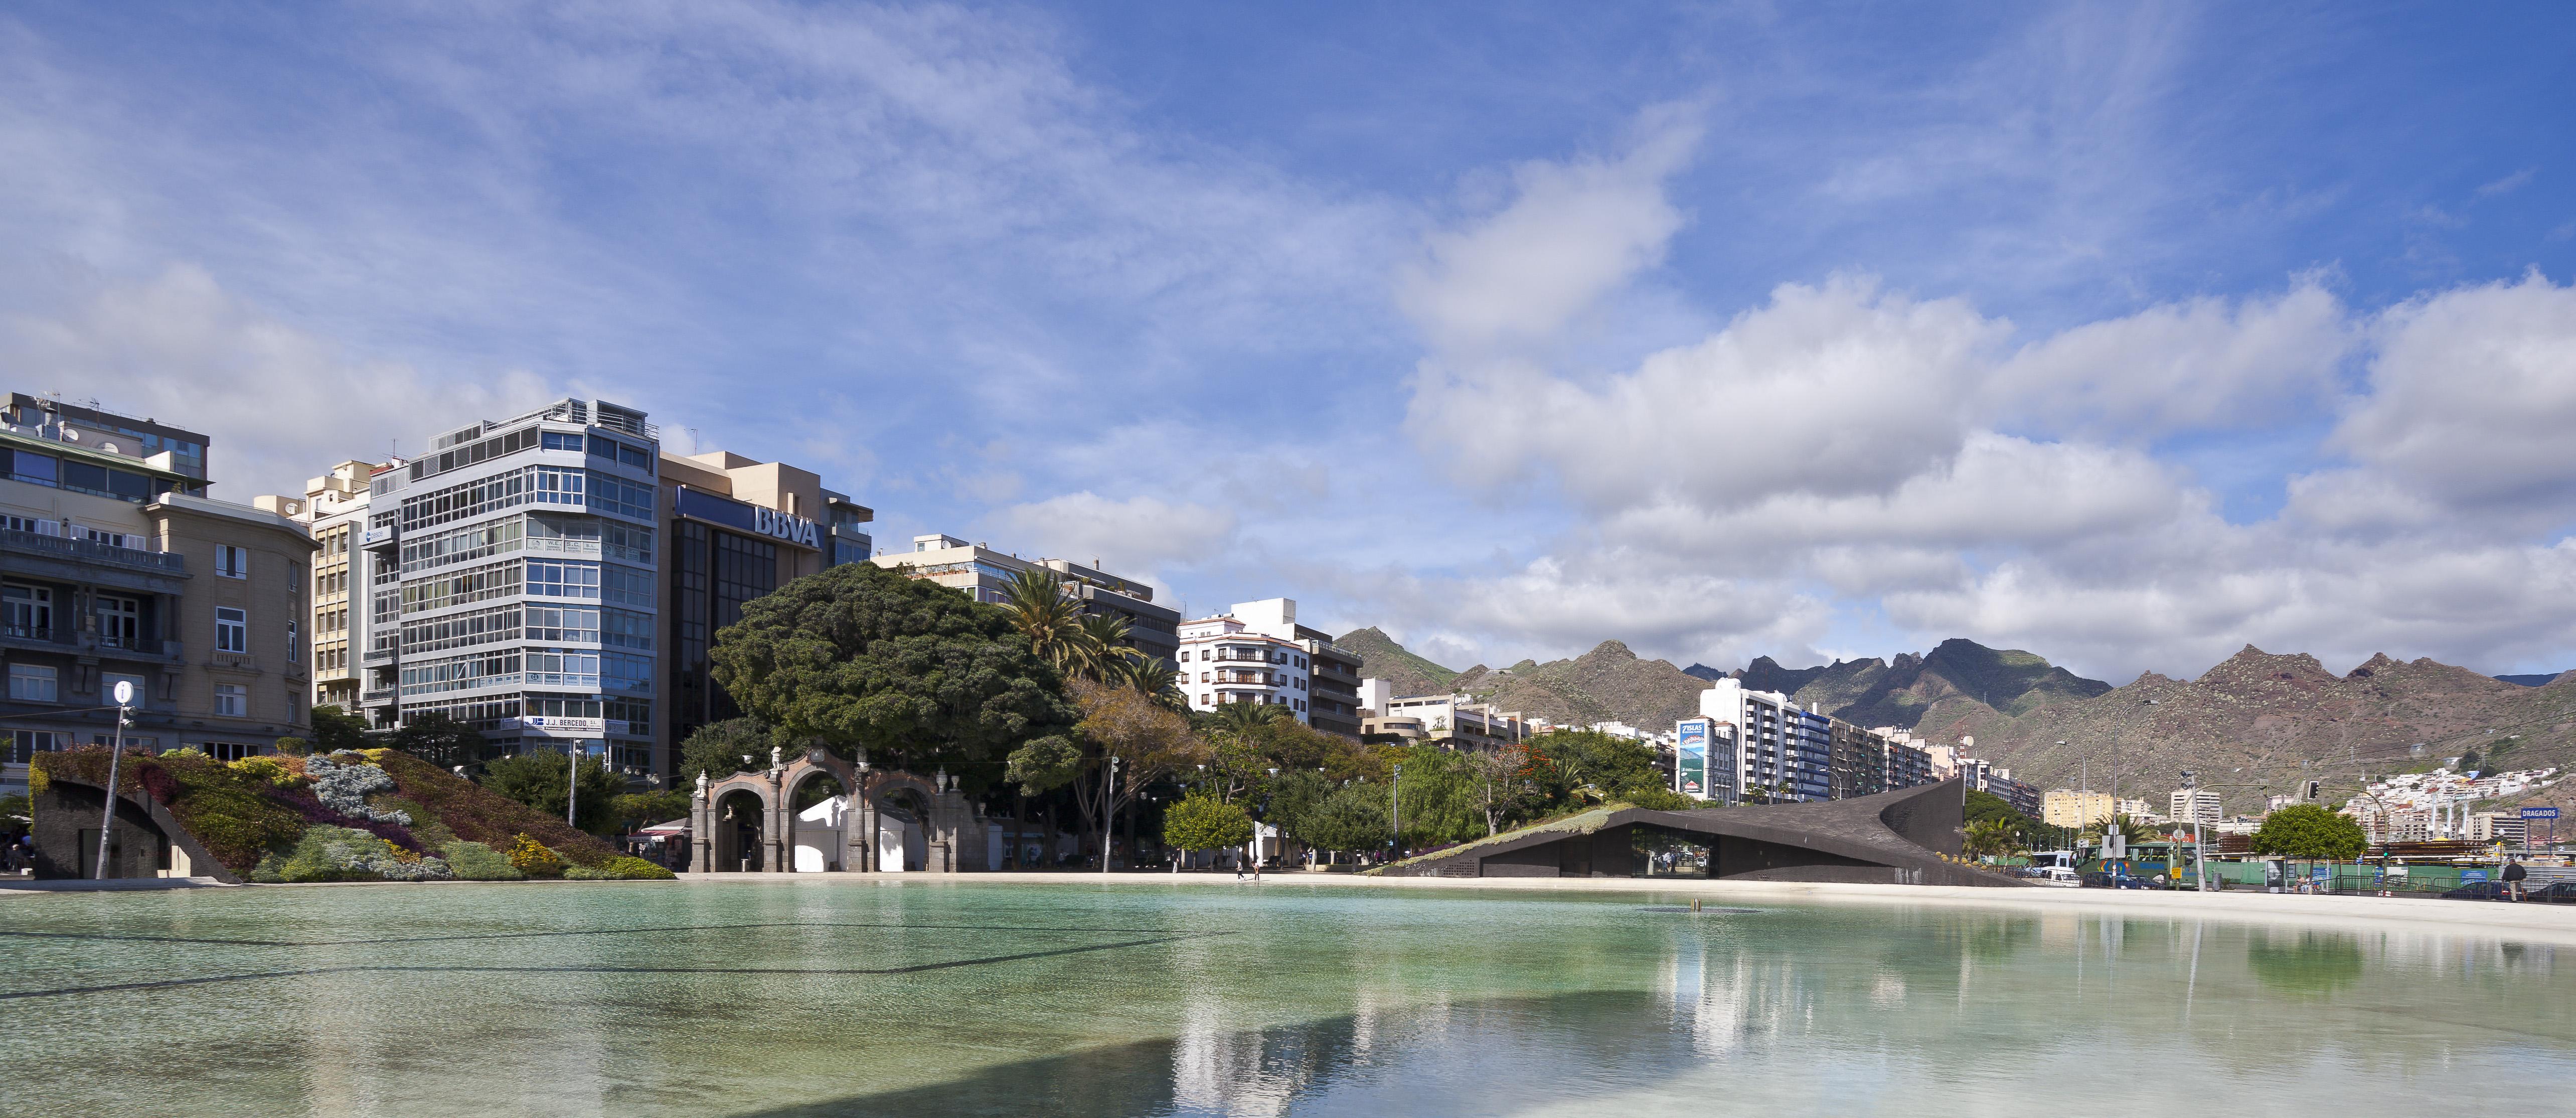 File plaza de espa a santa cruz de tenerife espa a 2012 - Parques infantiles en santa cruz de tenerife ...